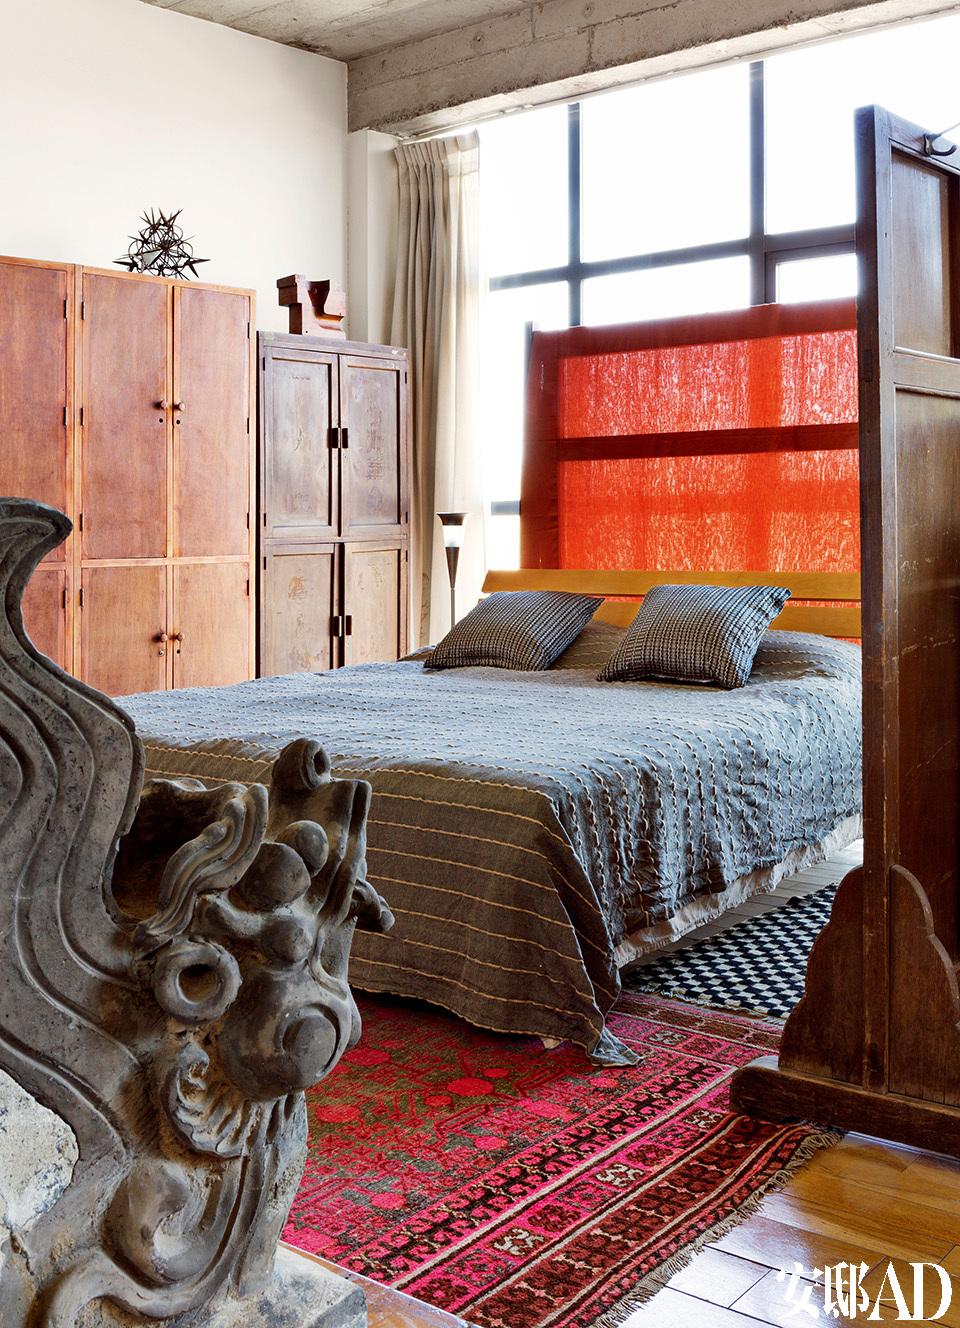 包括卧室在内的所有房间都没有太多装饰,偶尔有一些主人收来的旧货,但在房子里很节制,完全不破坏房间的完整线条。地上铺的是各路淘来的地毯。